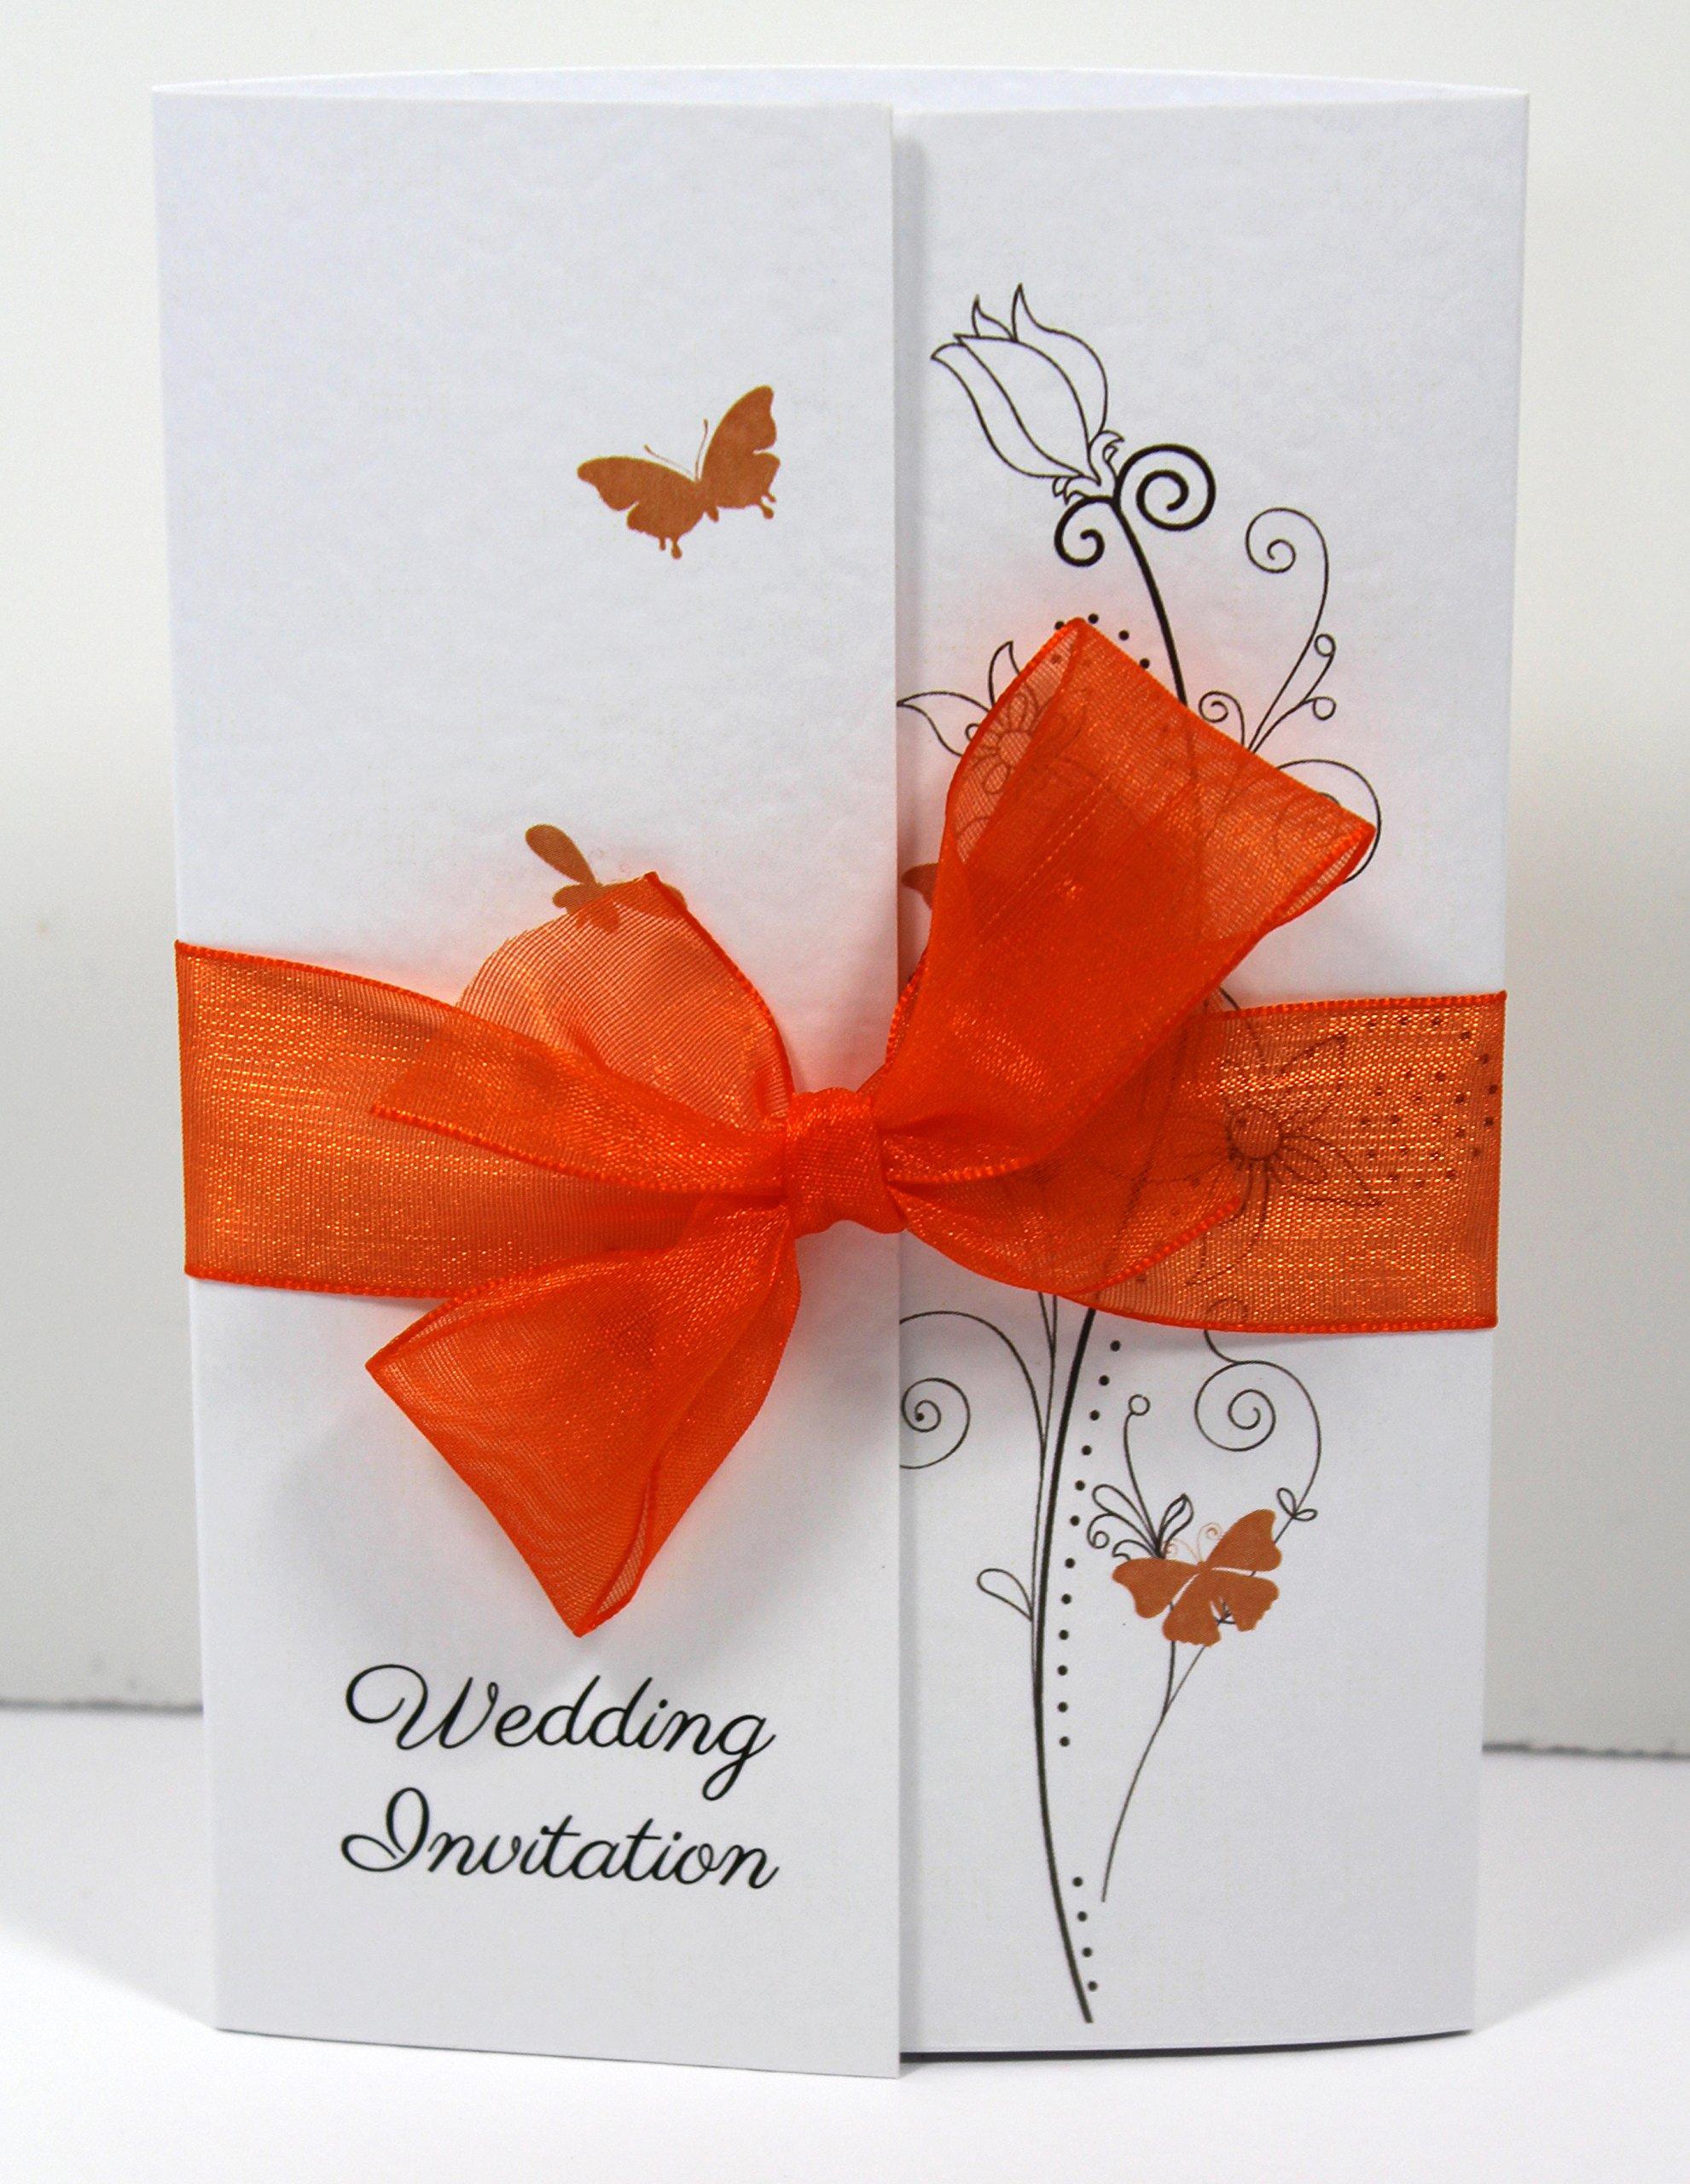 Orange Wedding Invitation Card: Amazon.co.uk